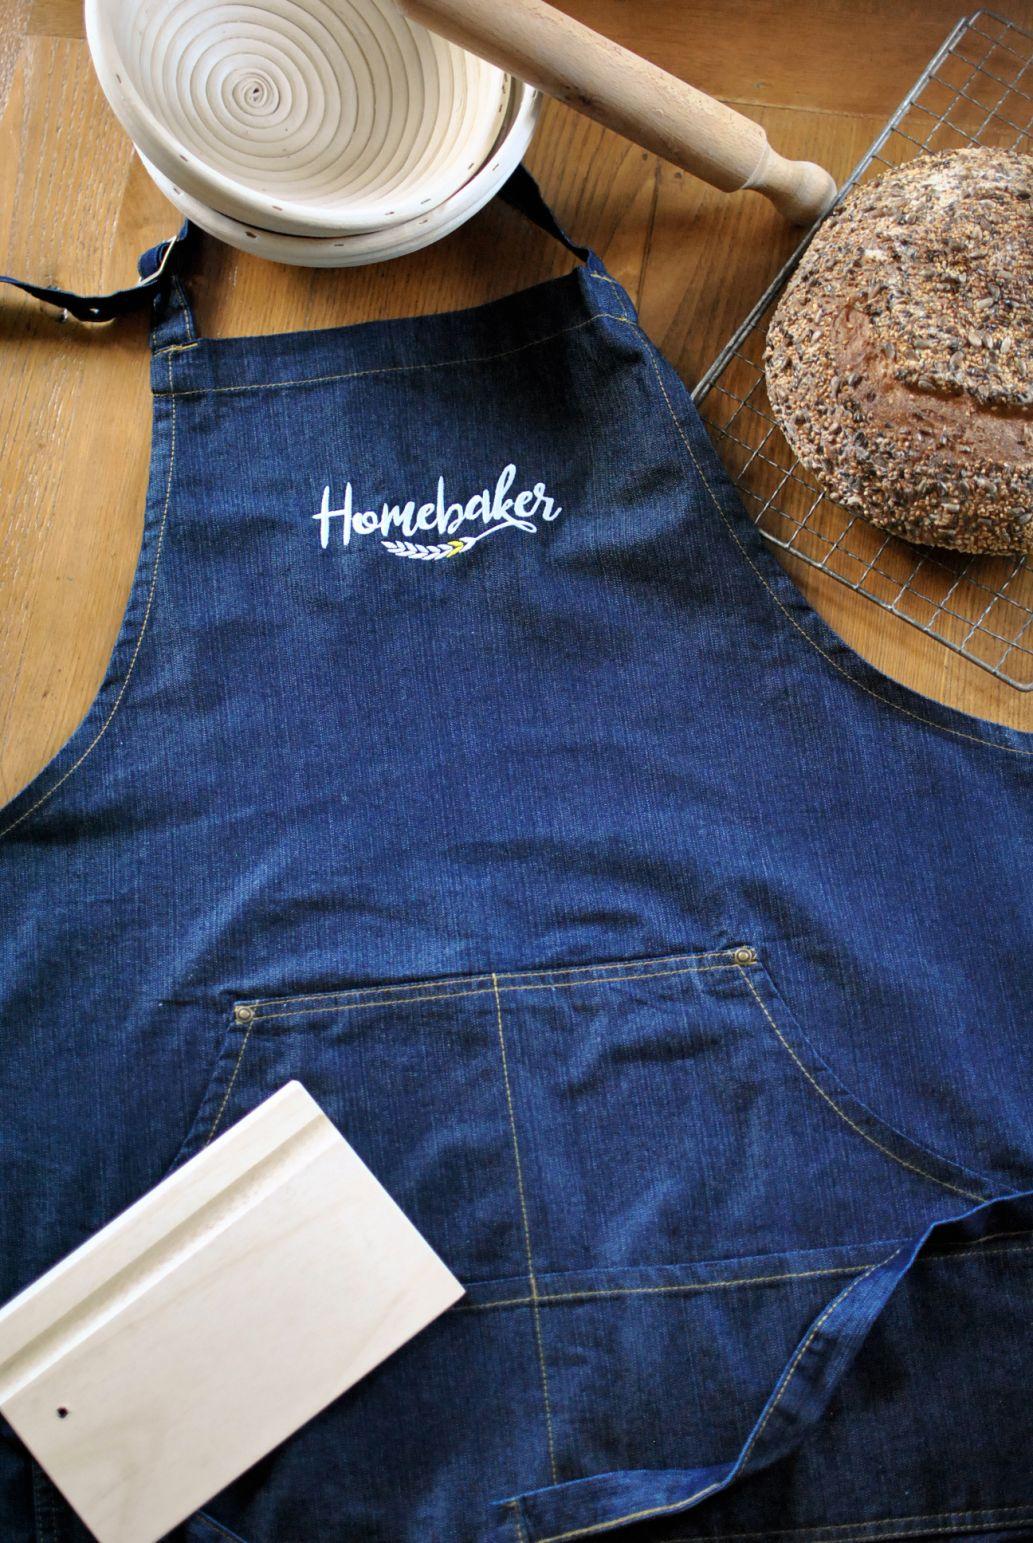 Homebaker Denim Jeans Schürze, für sie.